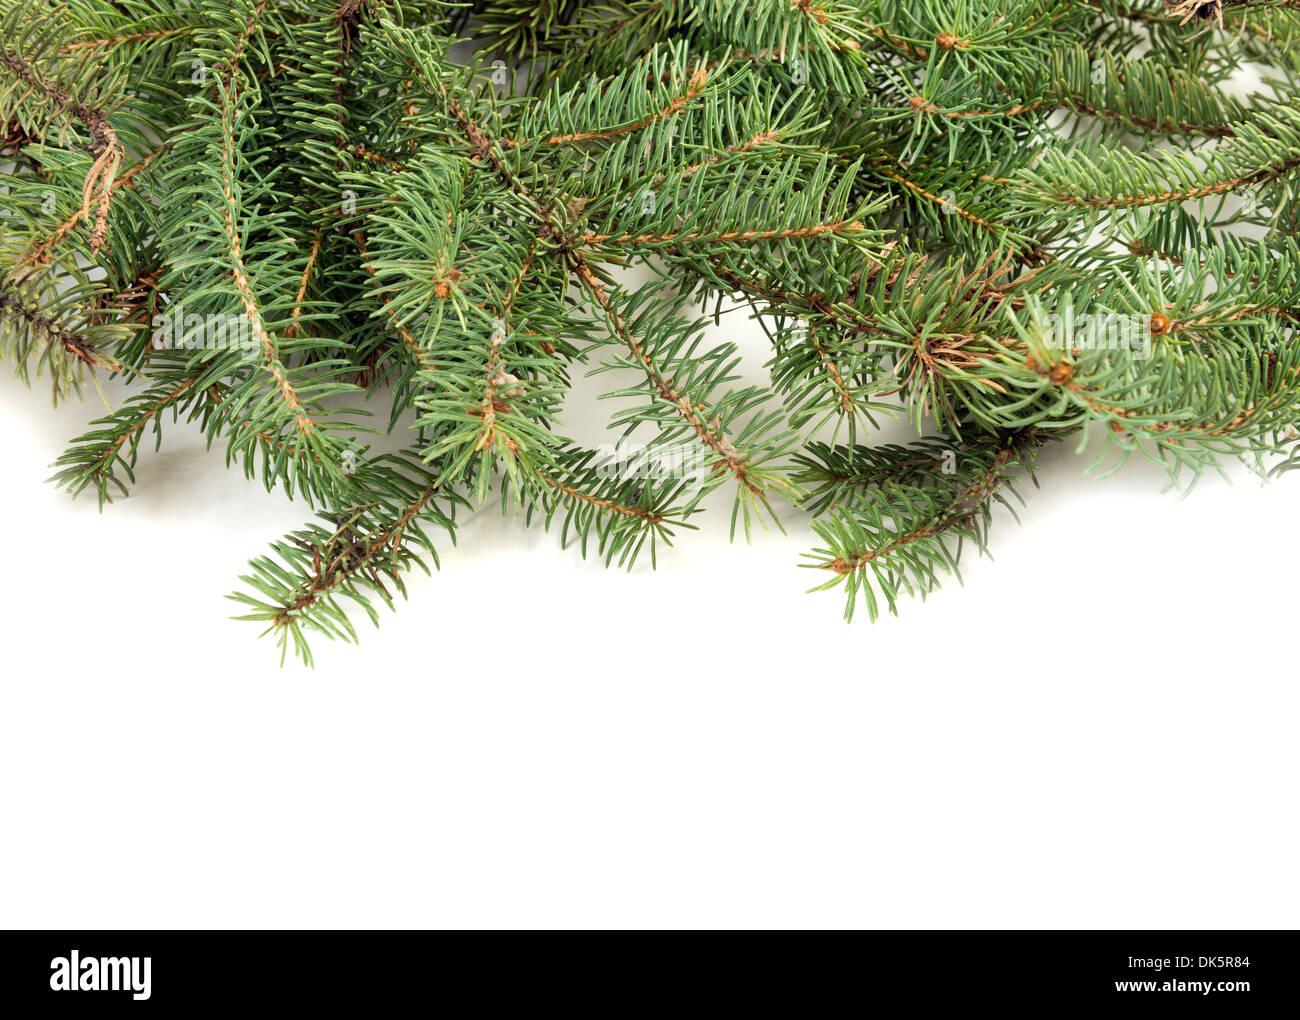 Baum Tannenzweig Weihnachtsdekoration Stockbild